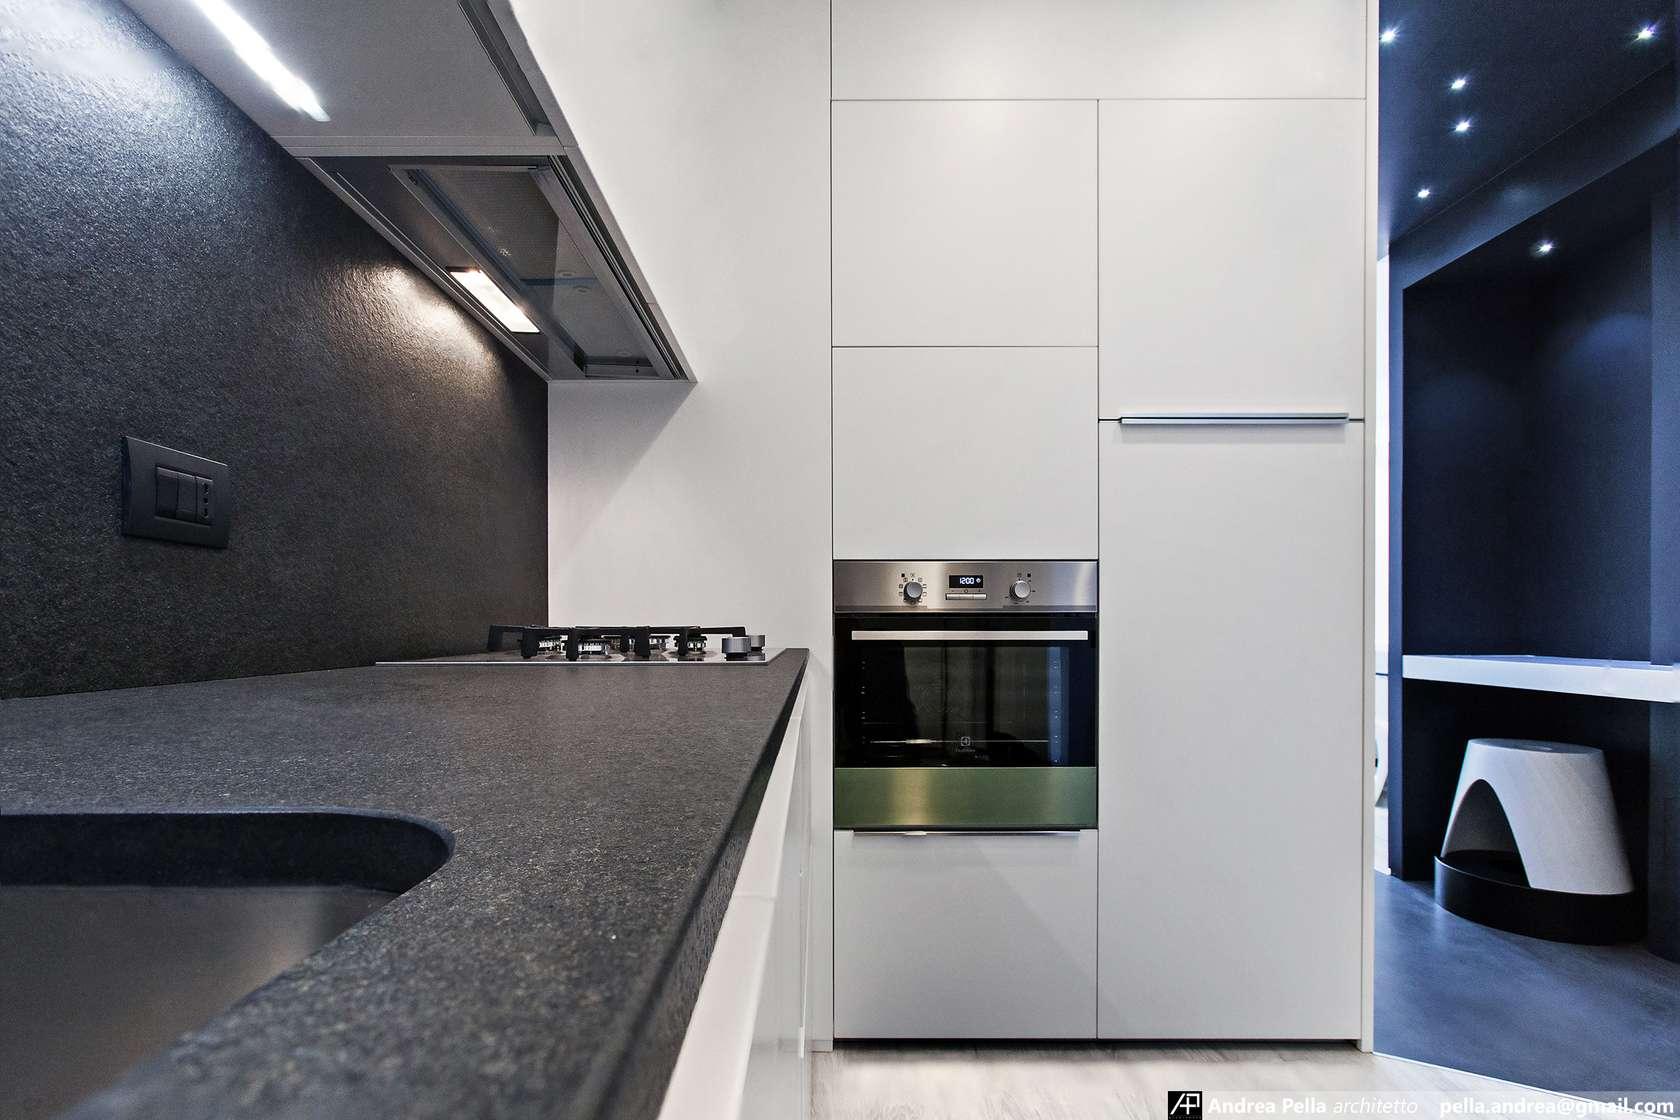 малък апартамент в минималистичен стил - 19